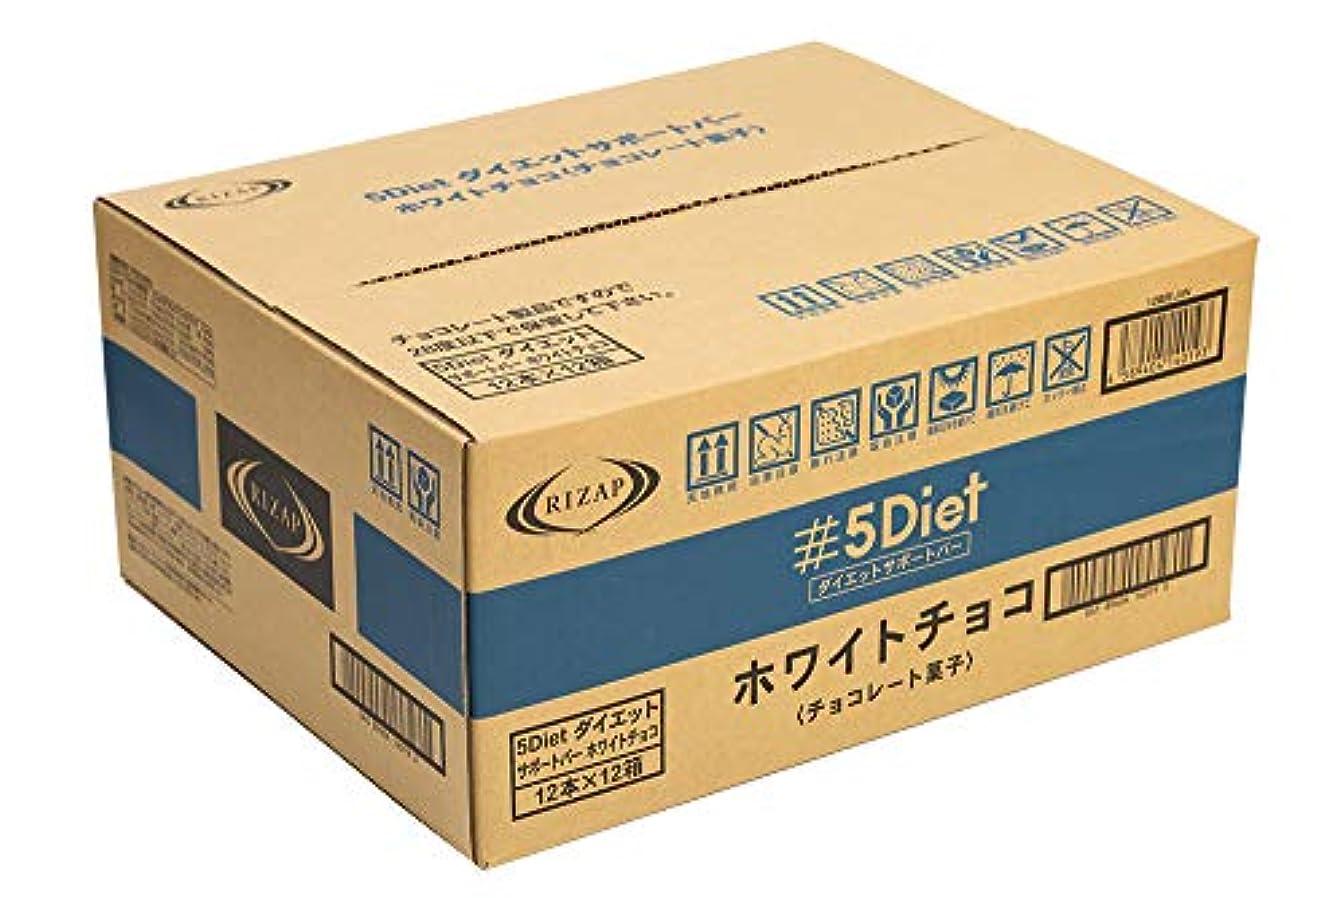 人物クアッガ先【ケース販売】RIZAP 5Diet サポートバー ホワイトチョコレート味 12本入×12箱